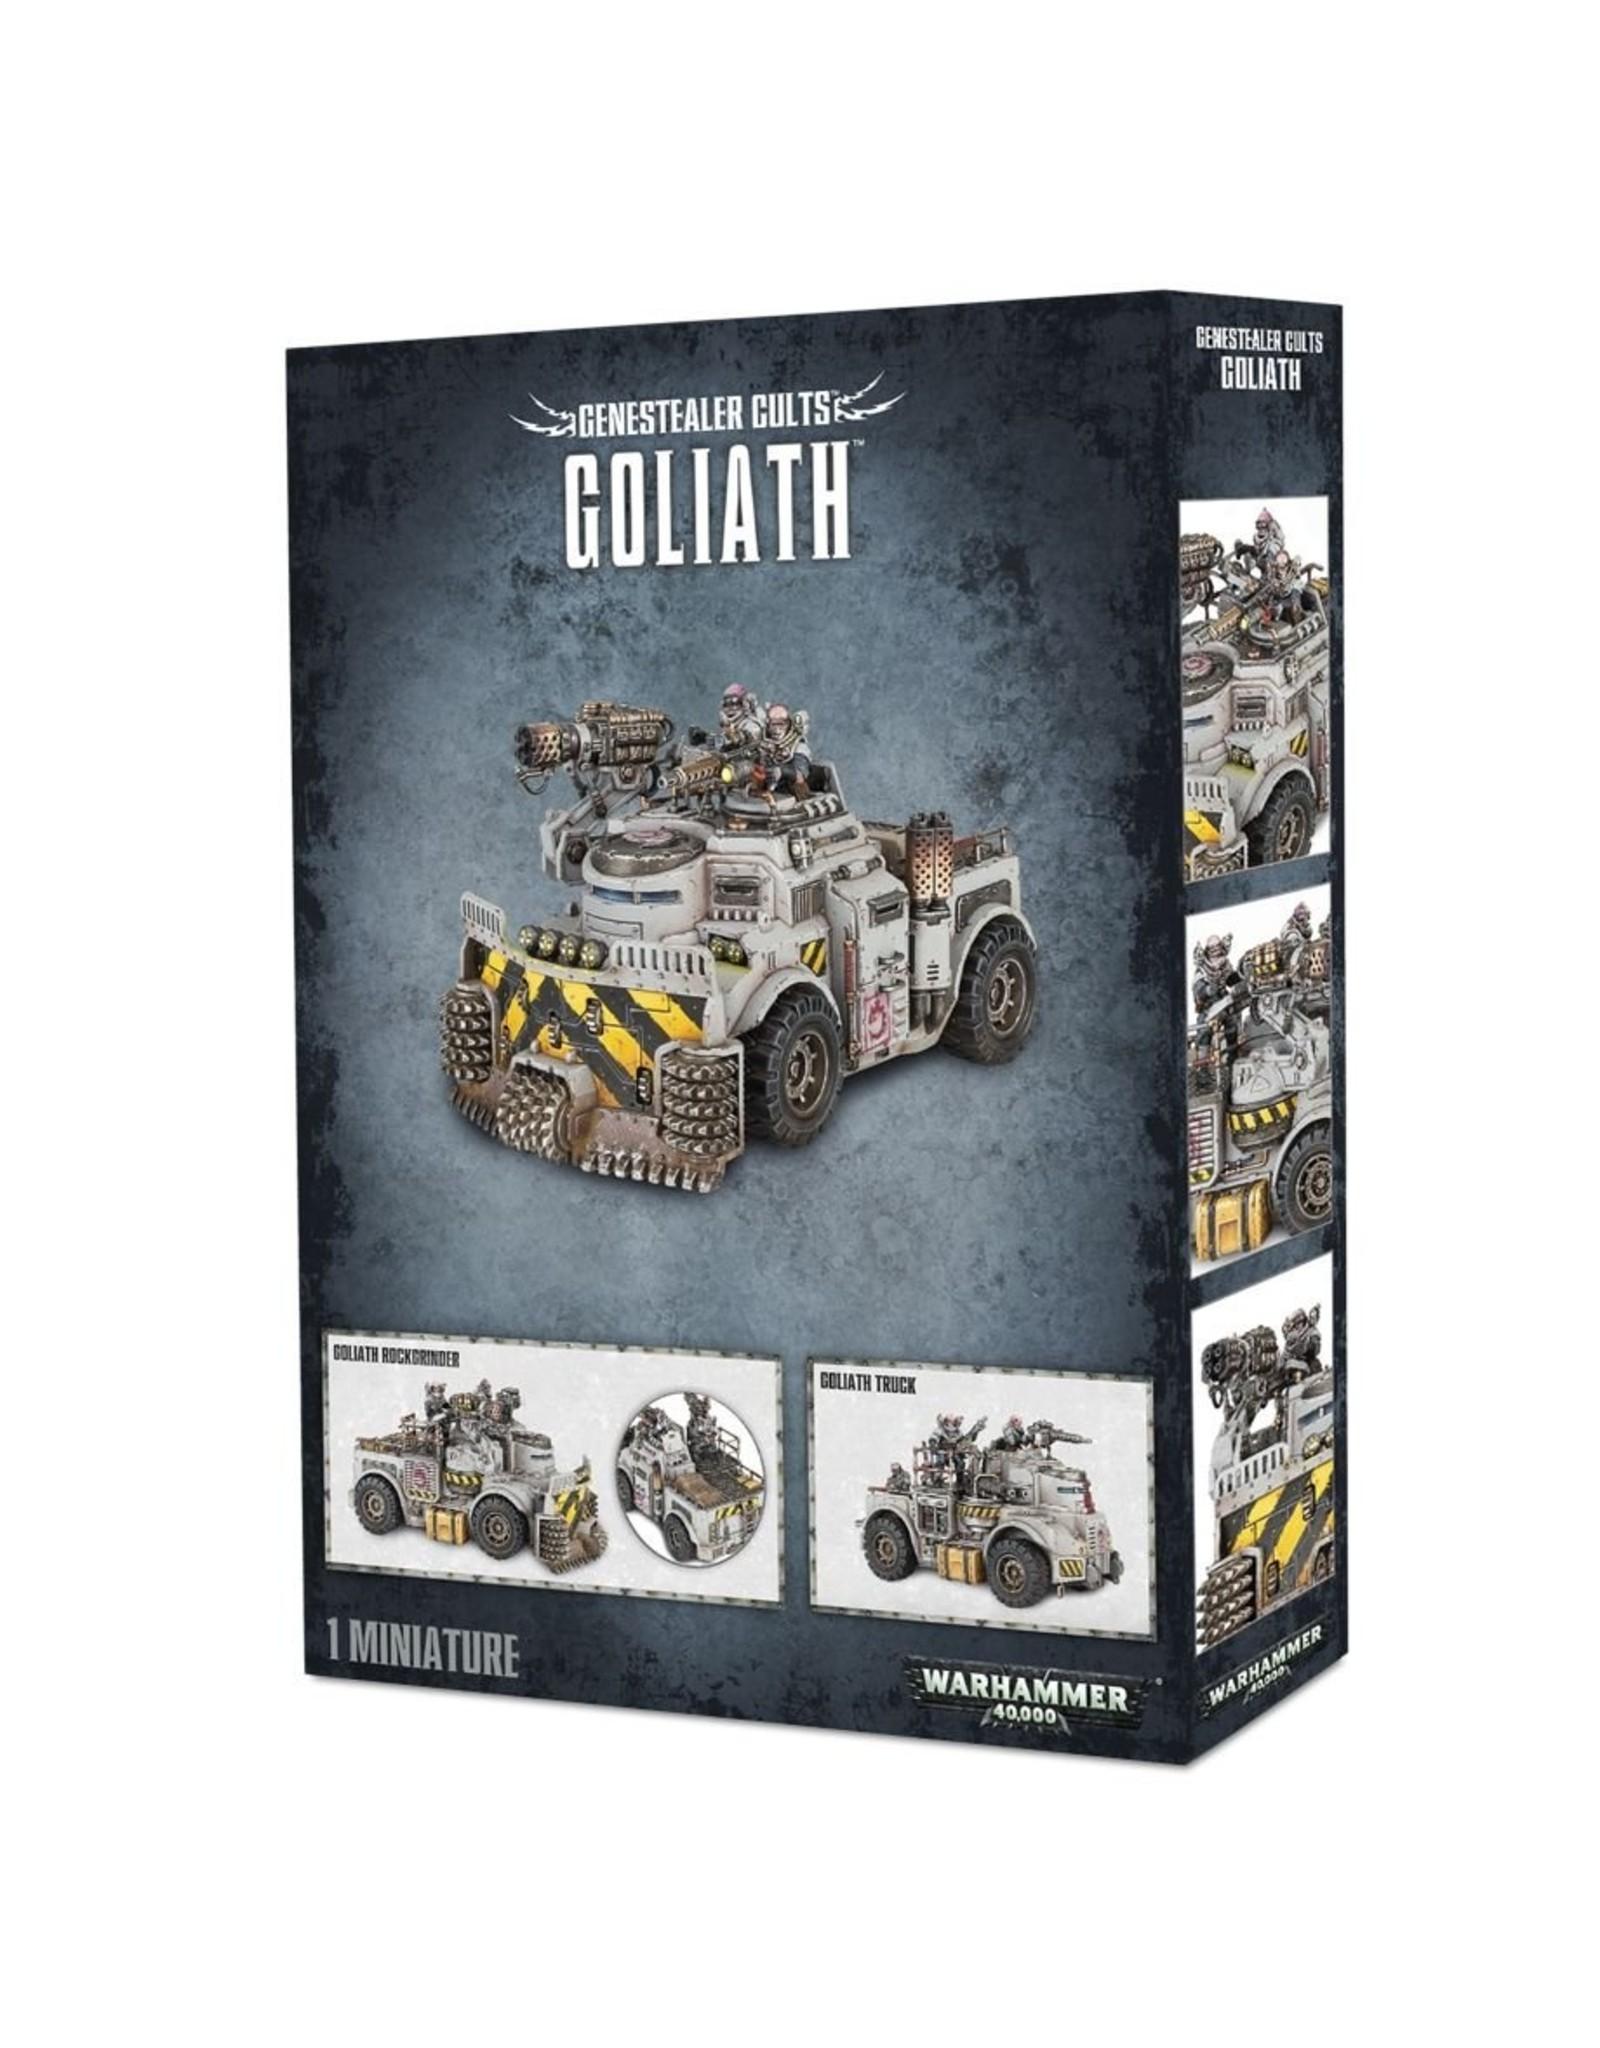 Games Workshop Genestealer Cults: Goliath